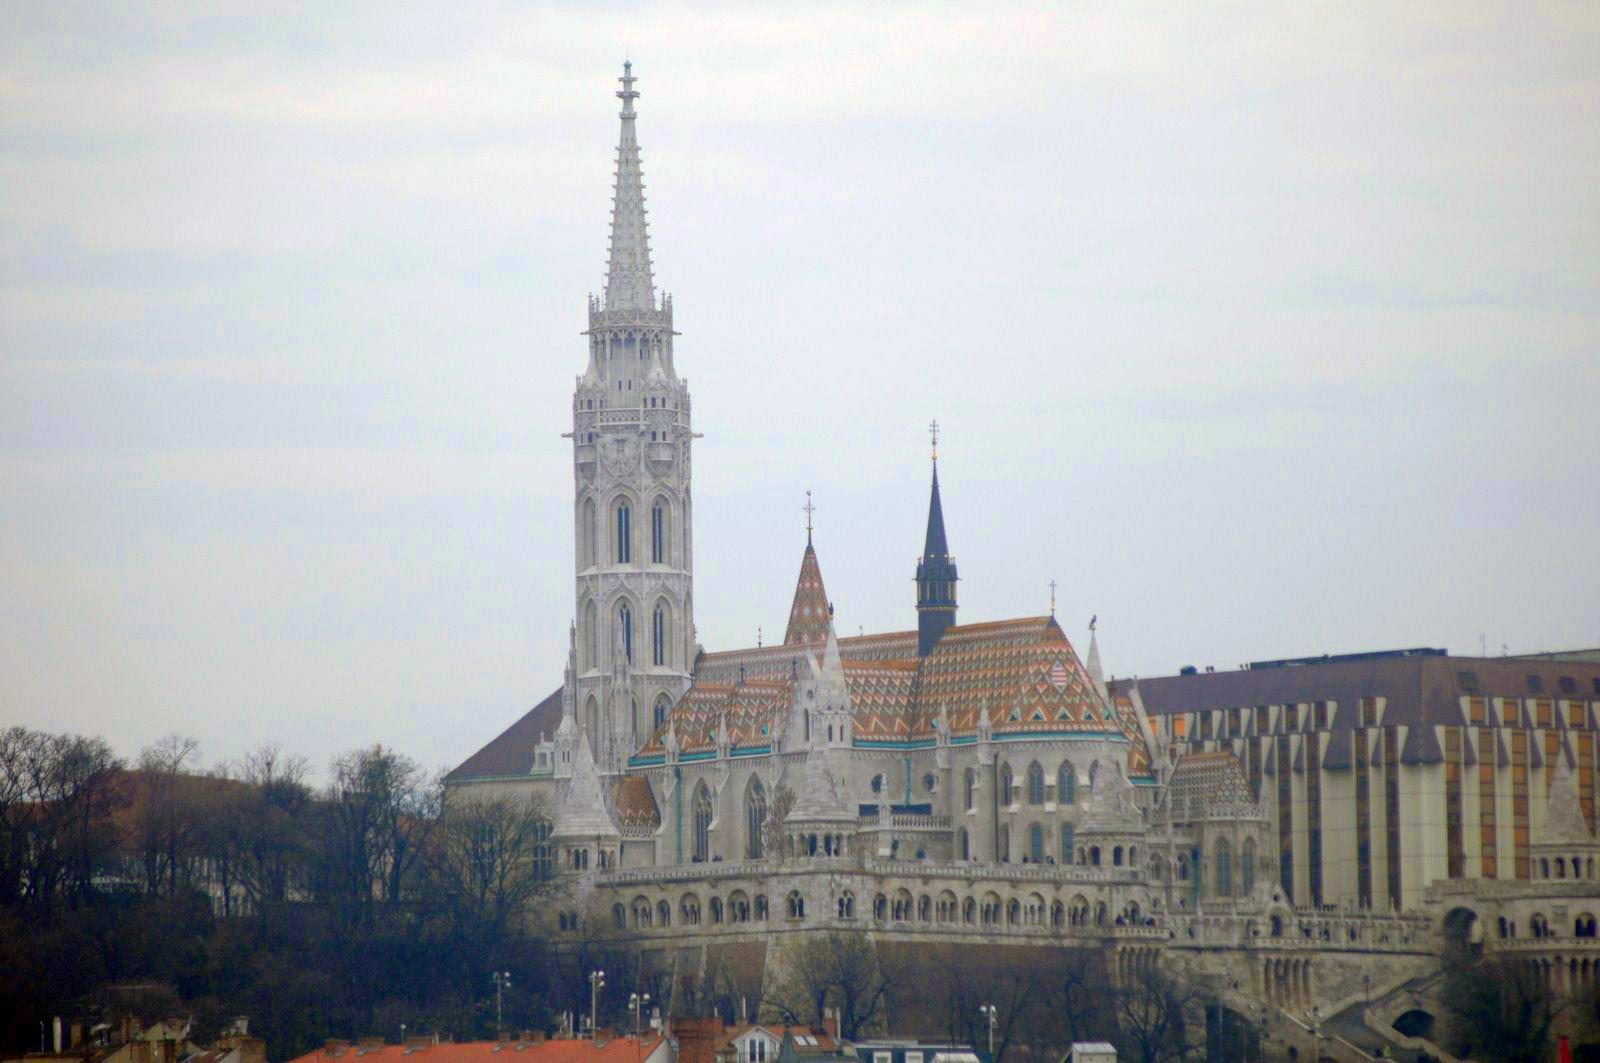 Qué ver en Budapest en un fin de semana budapest en un fin de semana - 21235378059 30862fa537 o - Qué ver en Budapest en un fin de semana